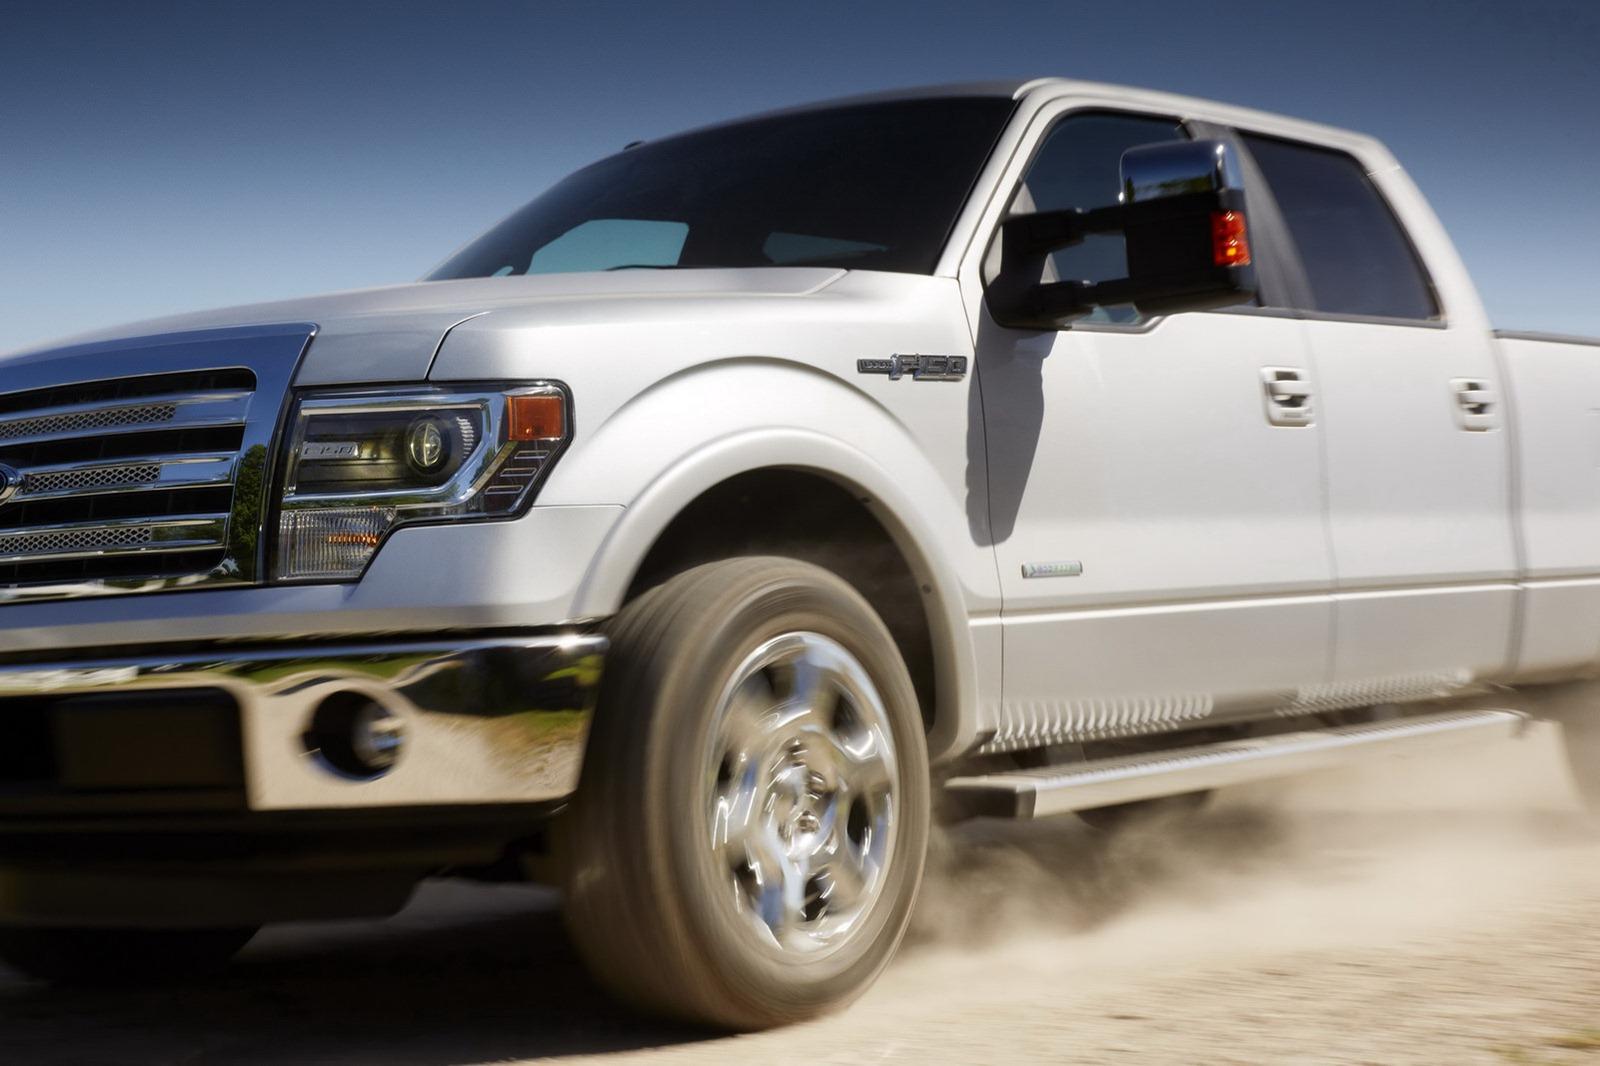 Ford thu hồi 270.000 chiếc F-150 bị cáo buộc lỗi phanh gây ra 9 tai nạn